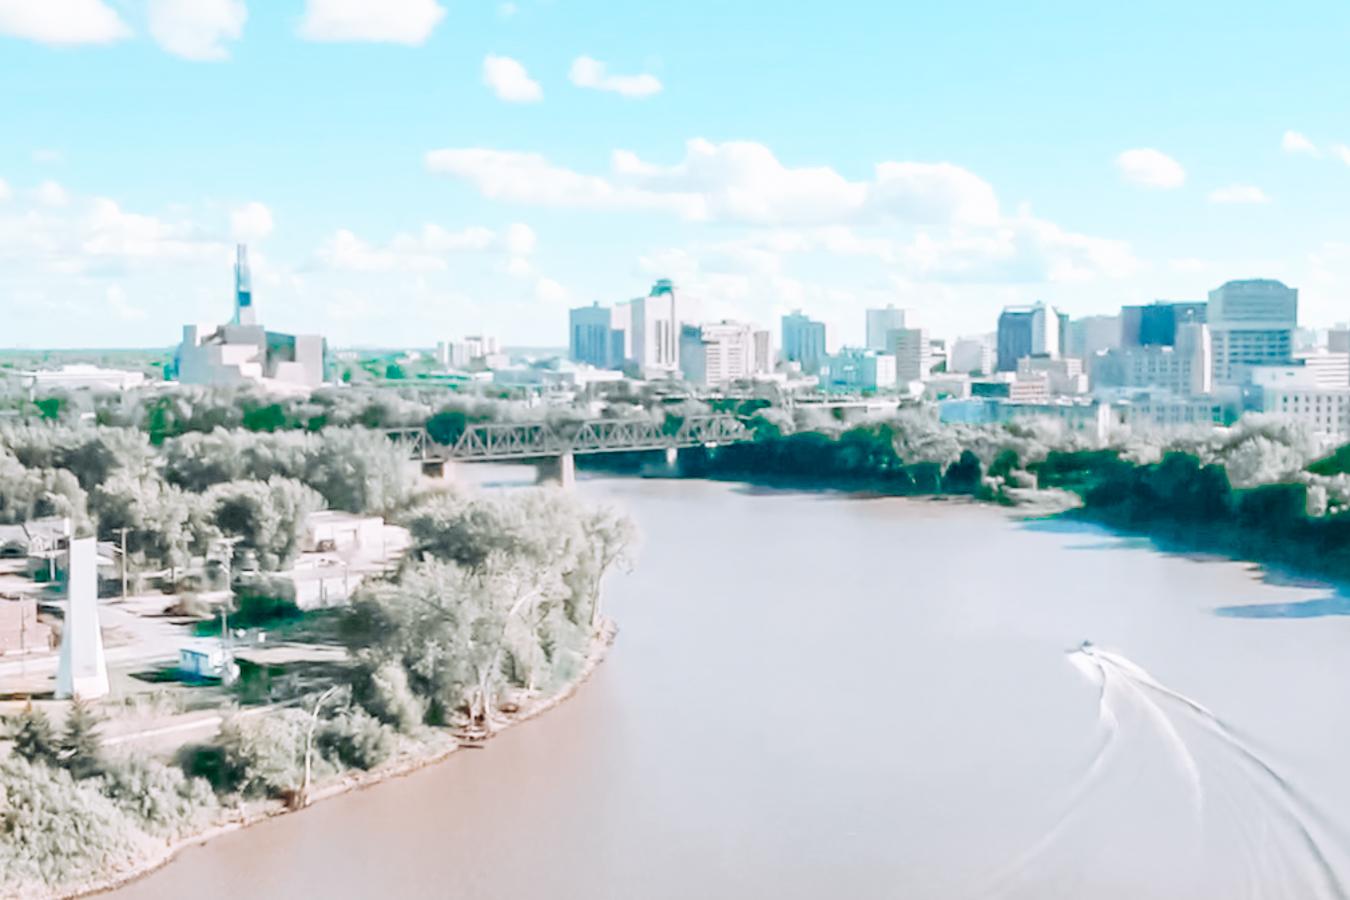 Water, trees, and buildings in Winnipeg